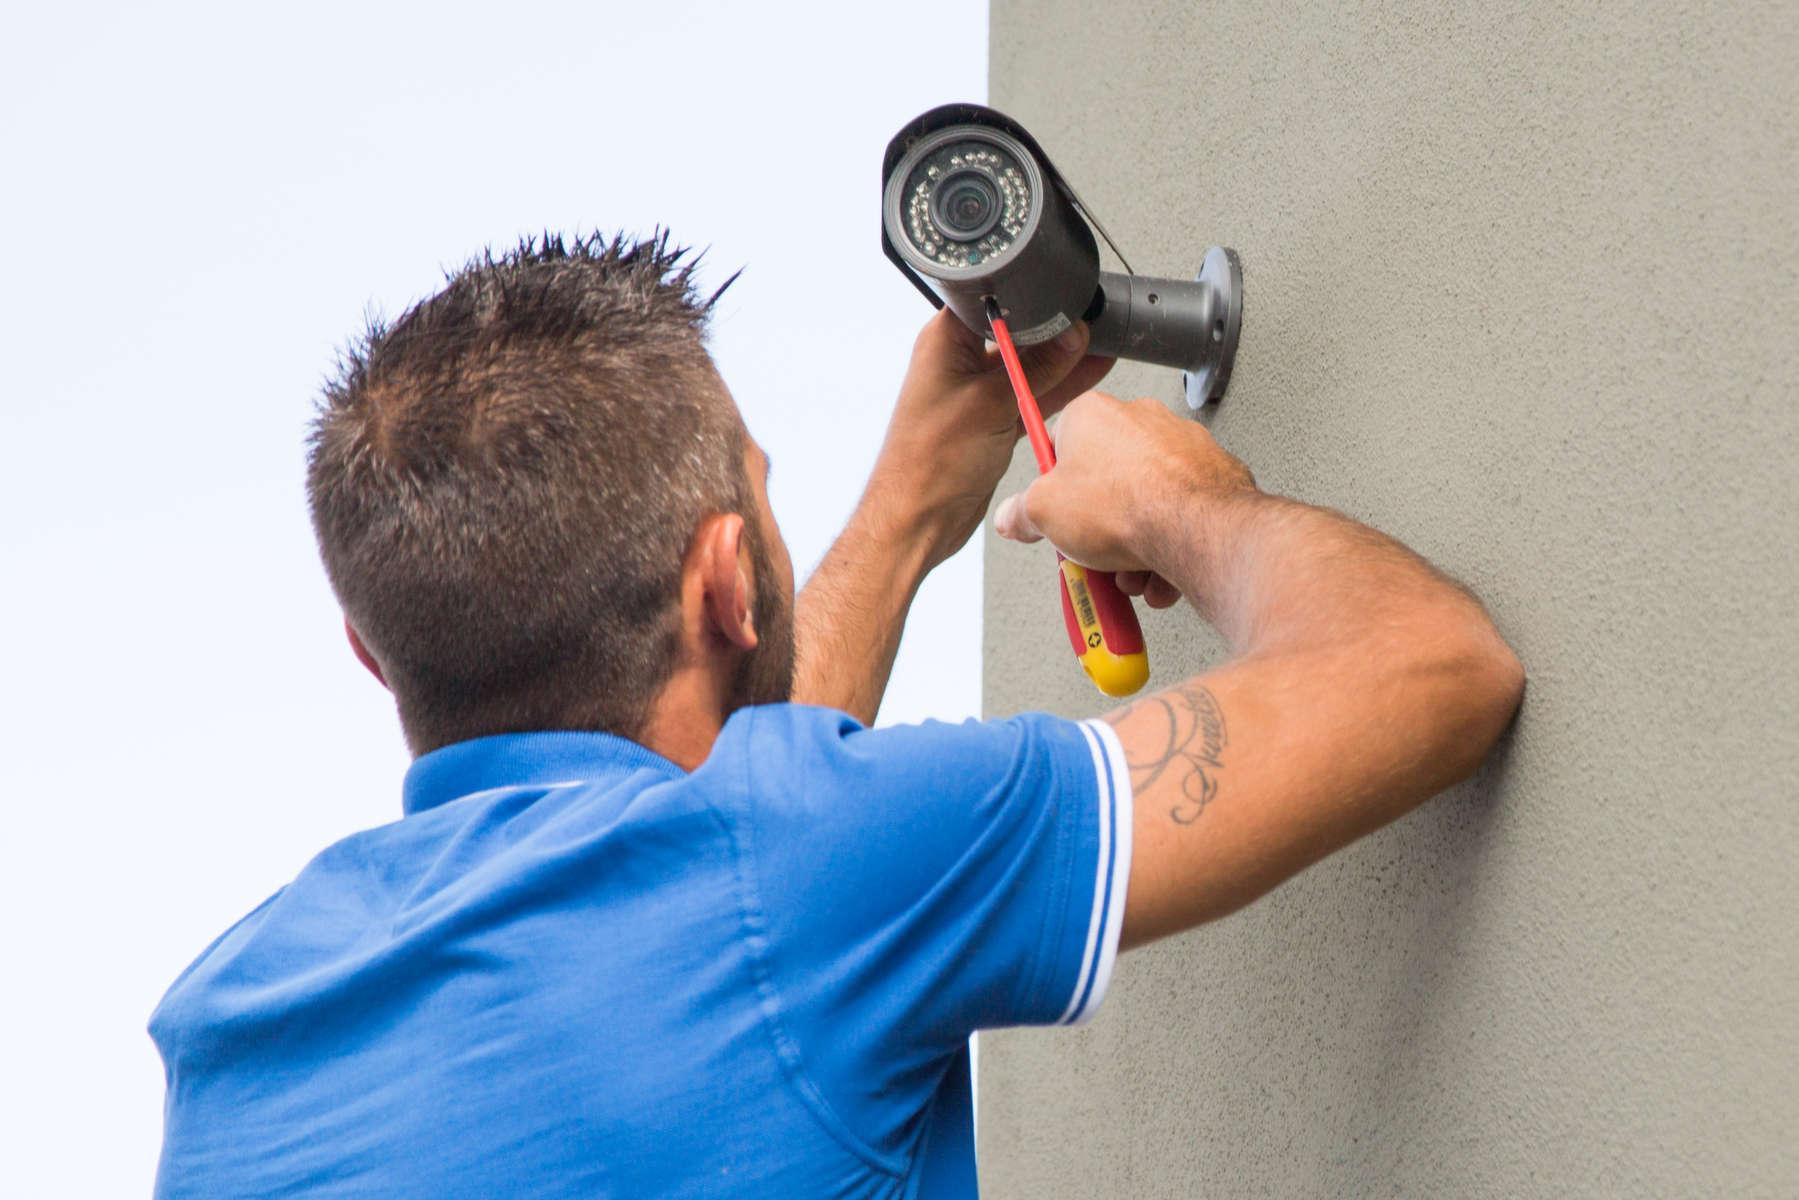 installazione telecamere sorveglianza